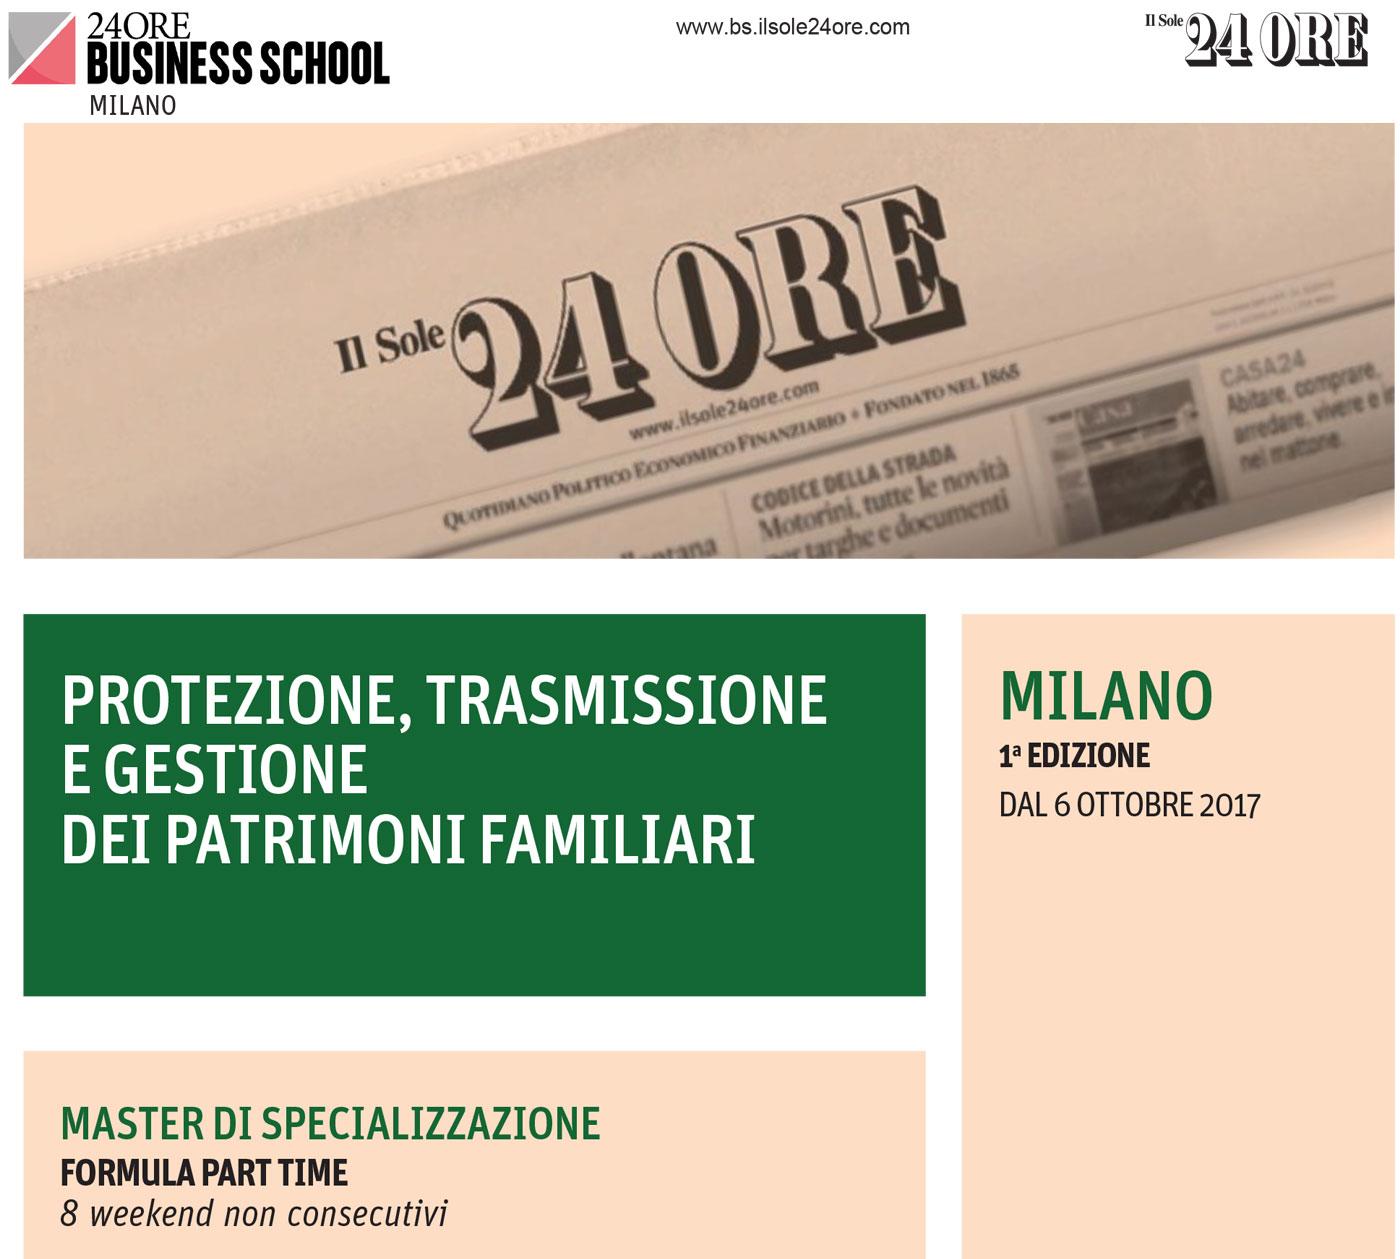 Master-Sole24Ore-Protezione-trasmisione-e-gestione-dei-patrimoni-familiari